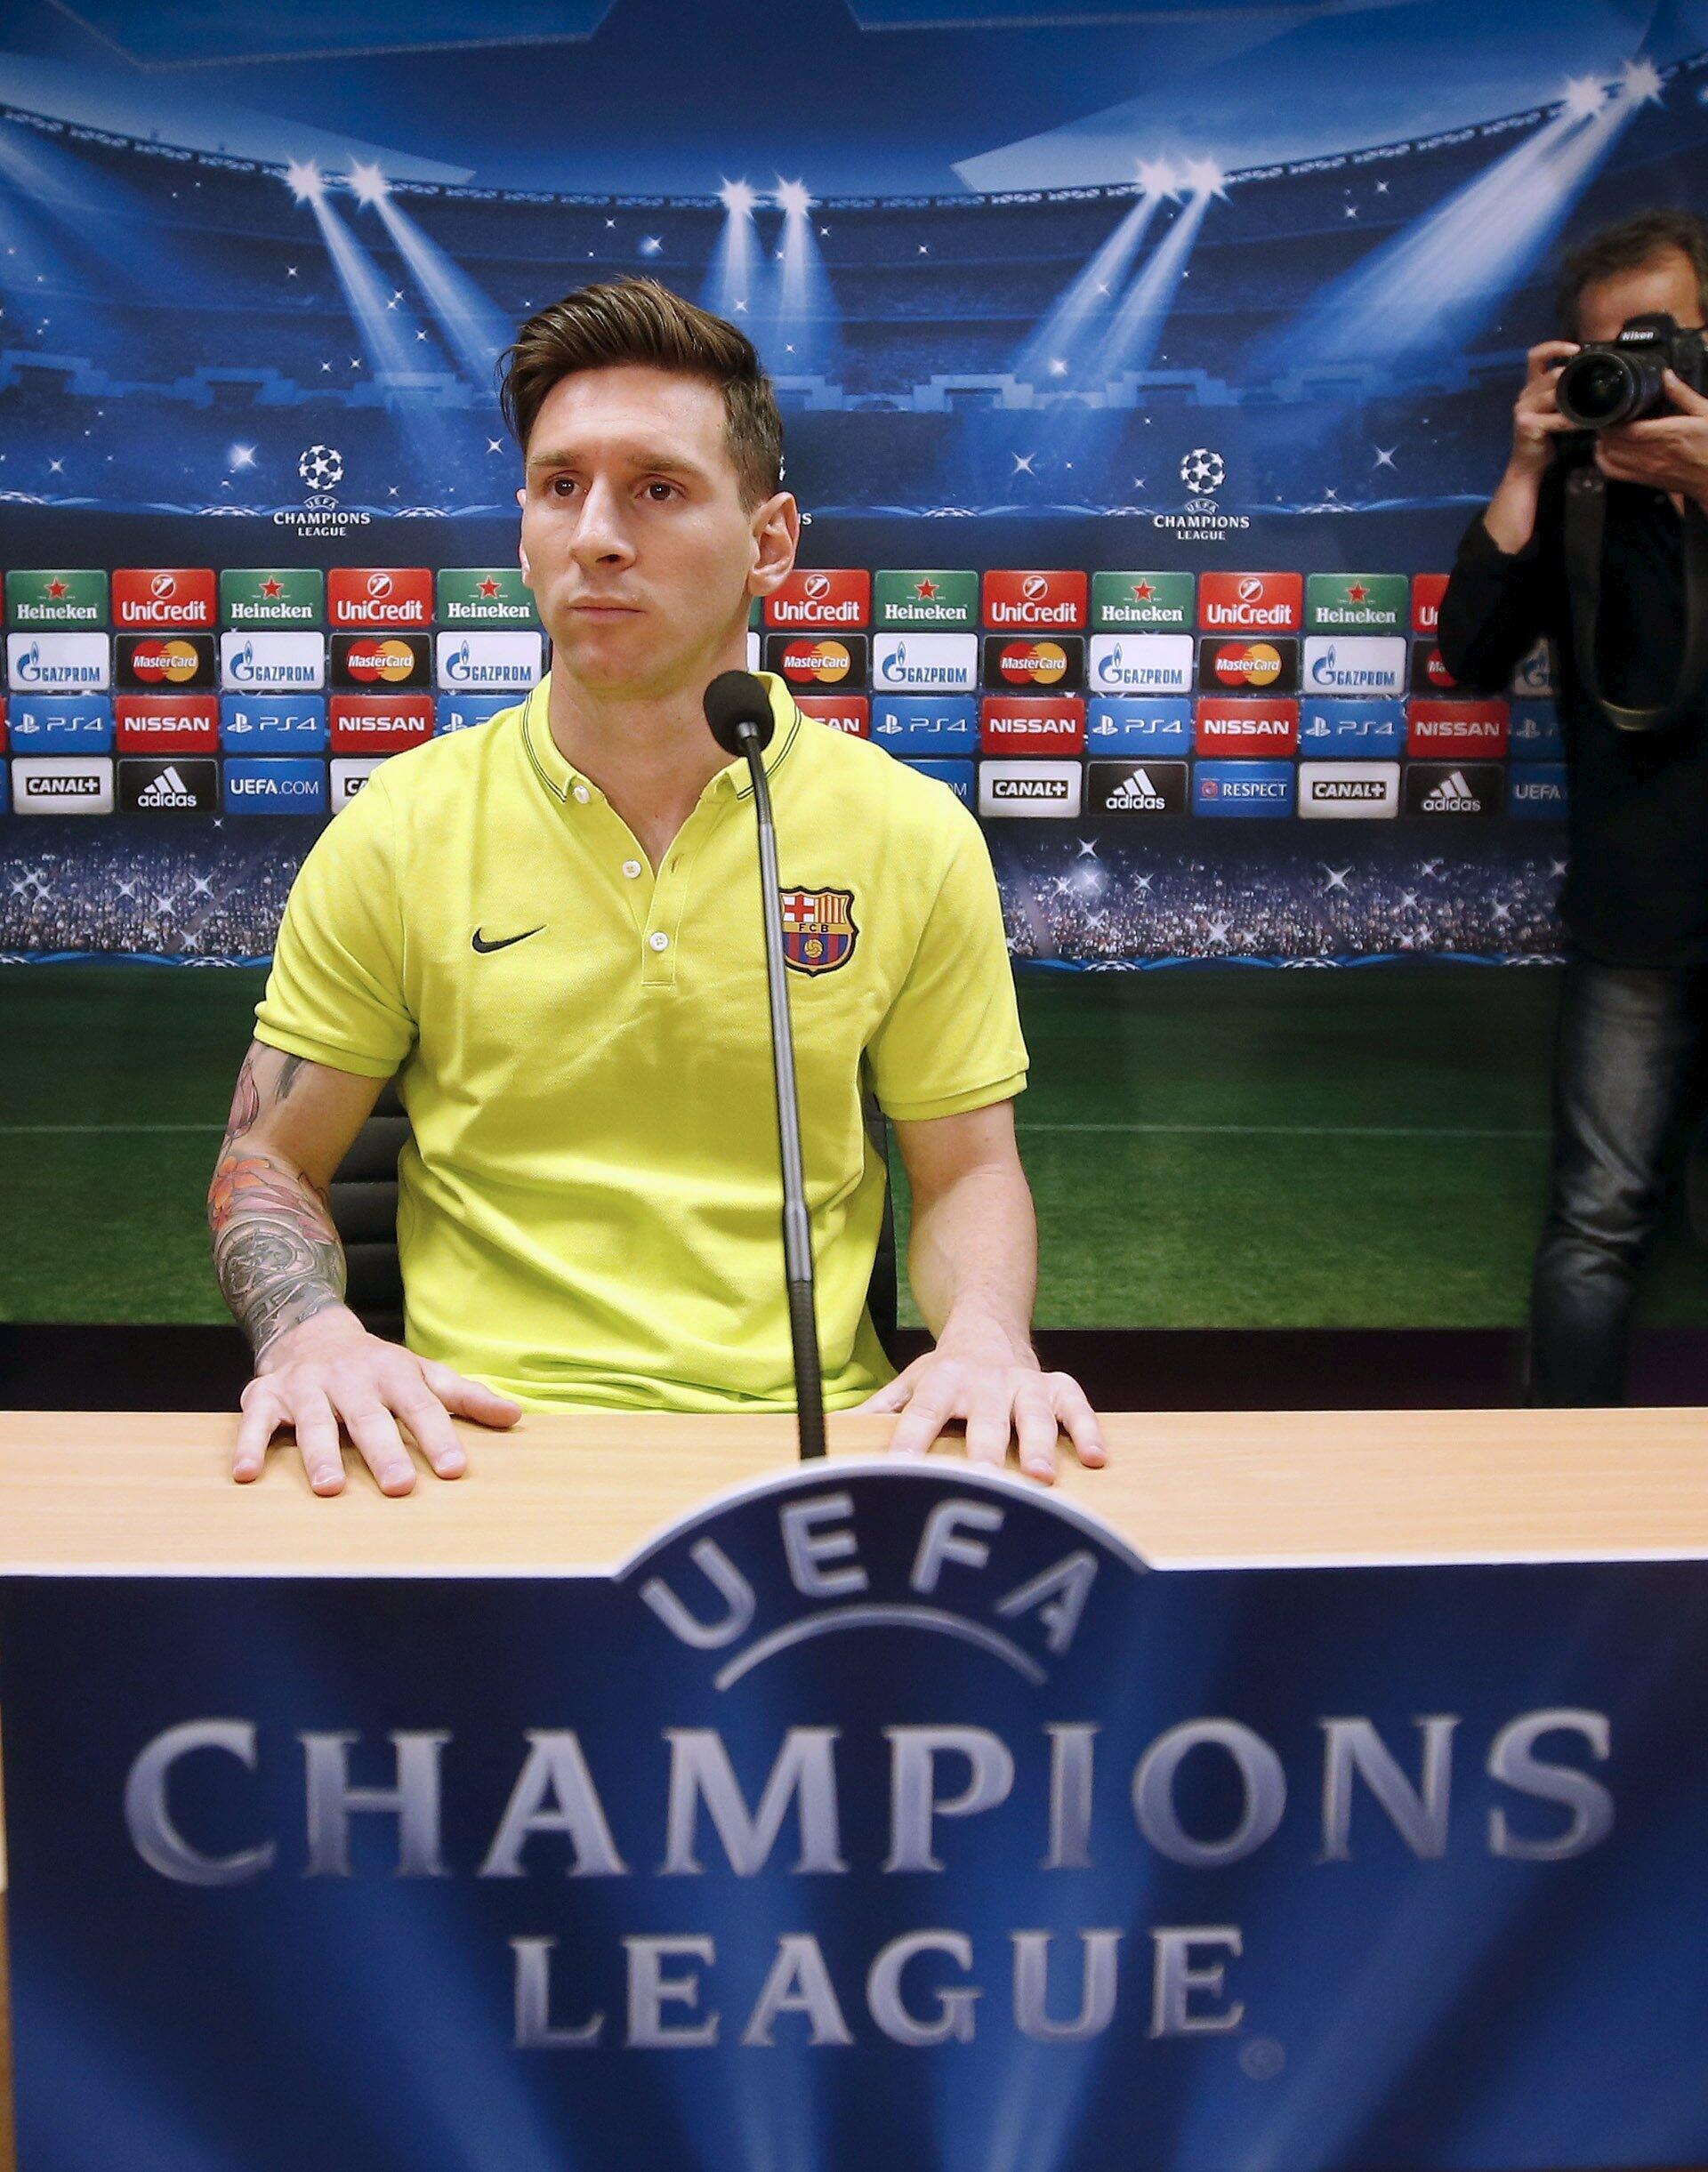 O jogador Messi durante coletiva de imprensa em Barcelona, Espanha.